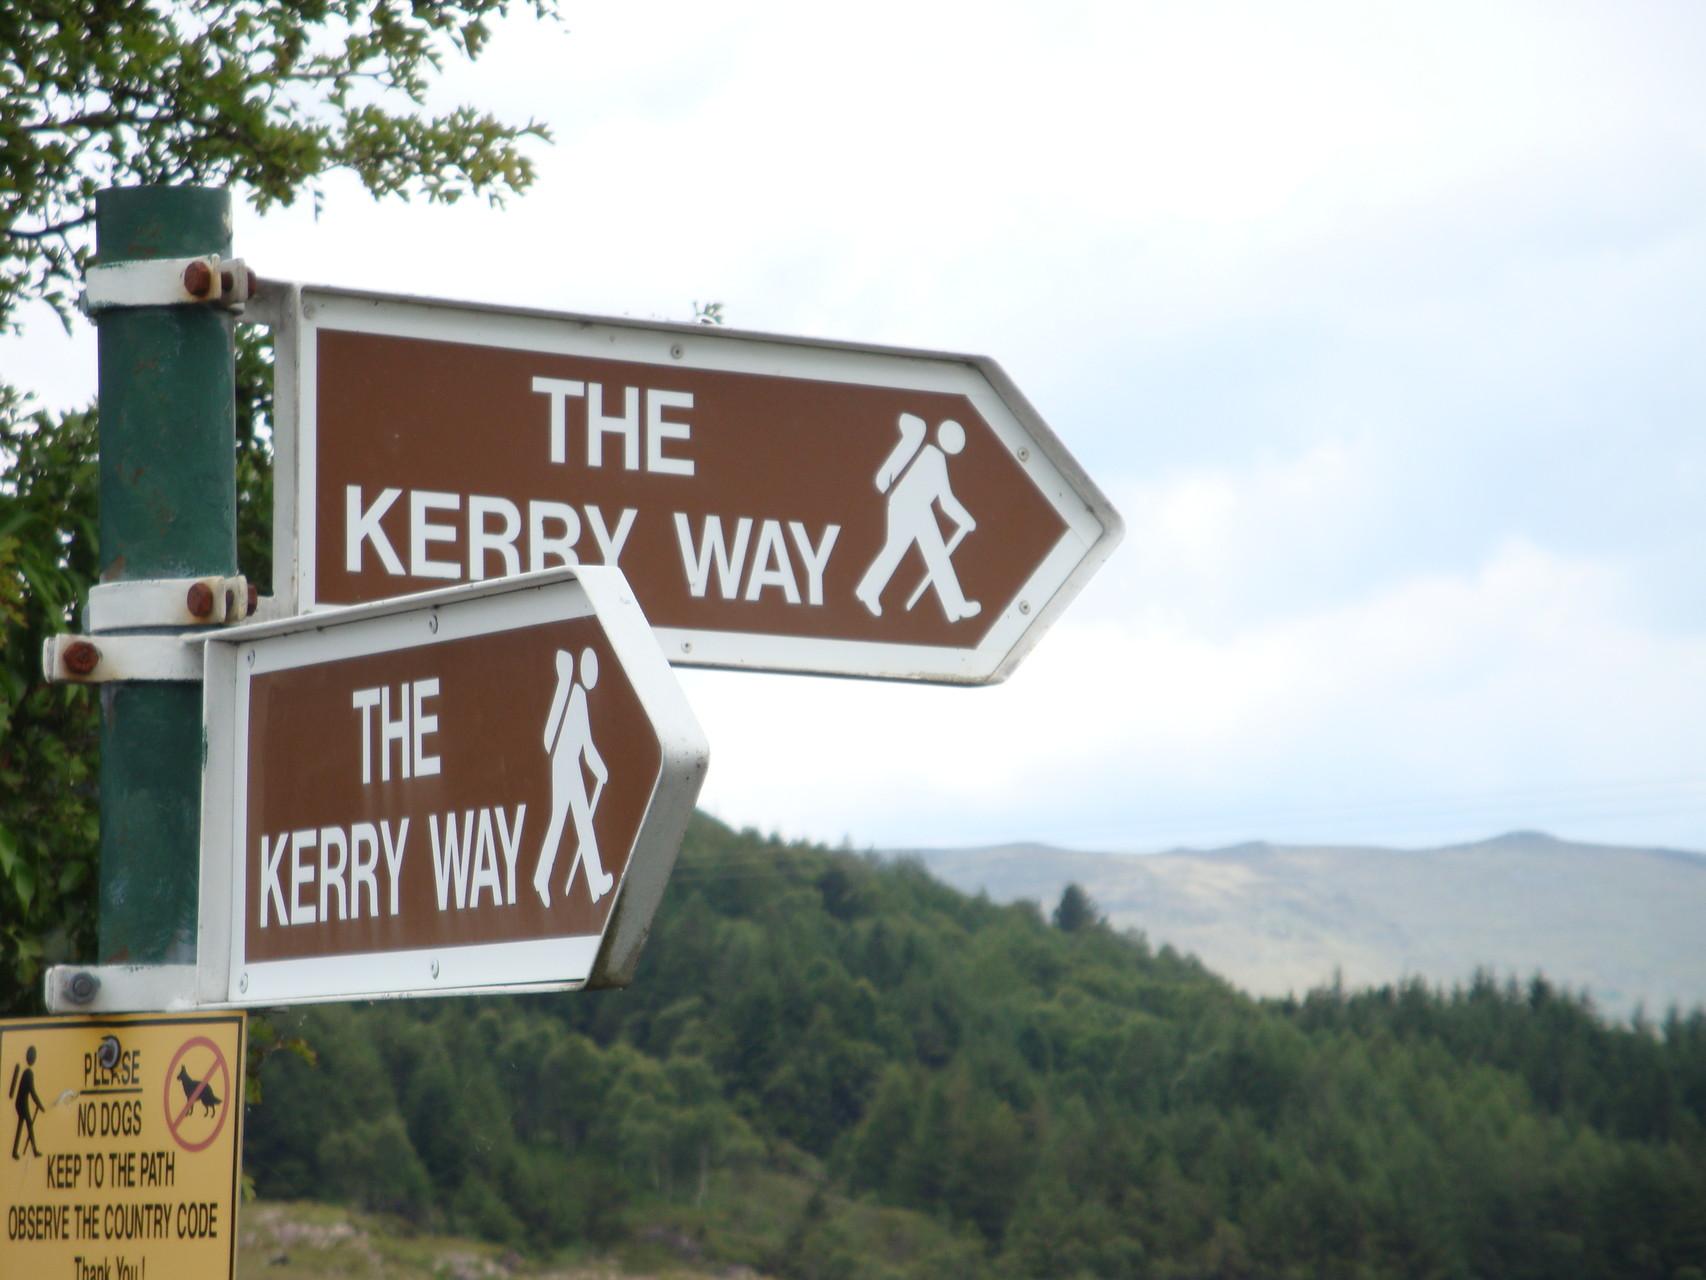 Entlang dem River Caragh zum Glendar House- 12 km